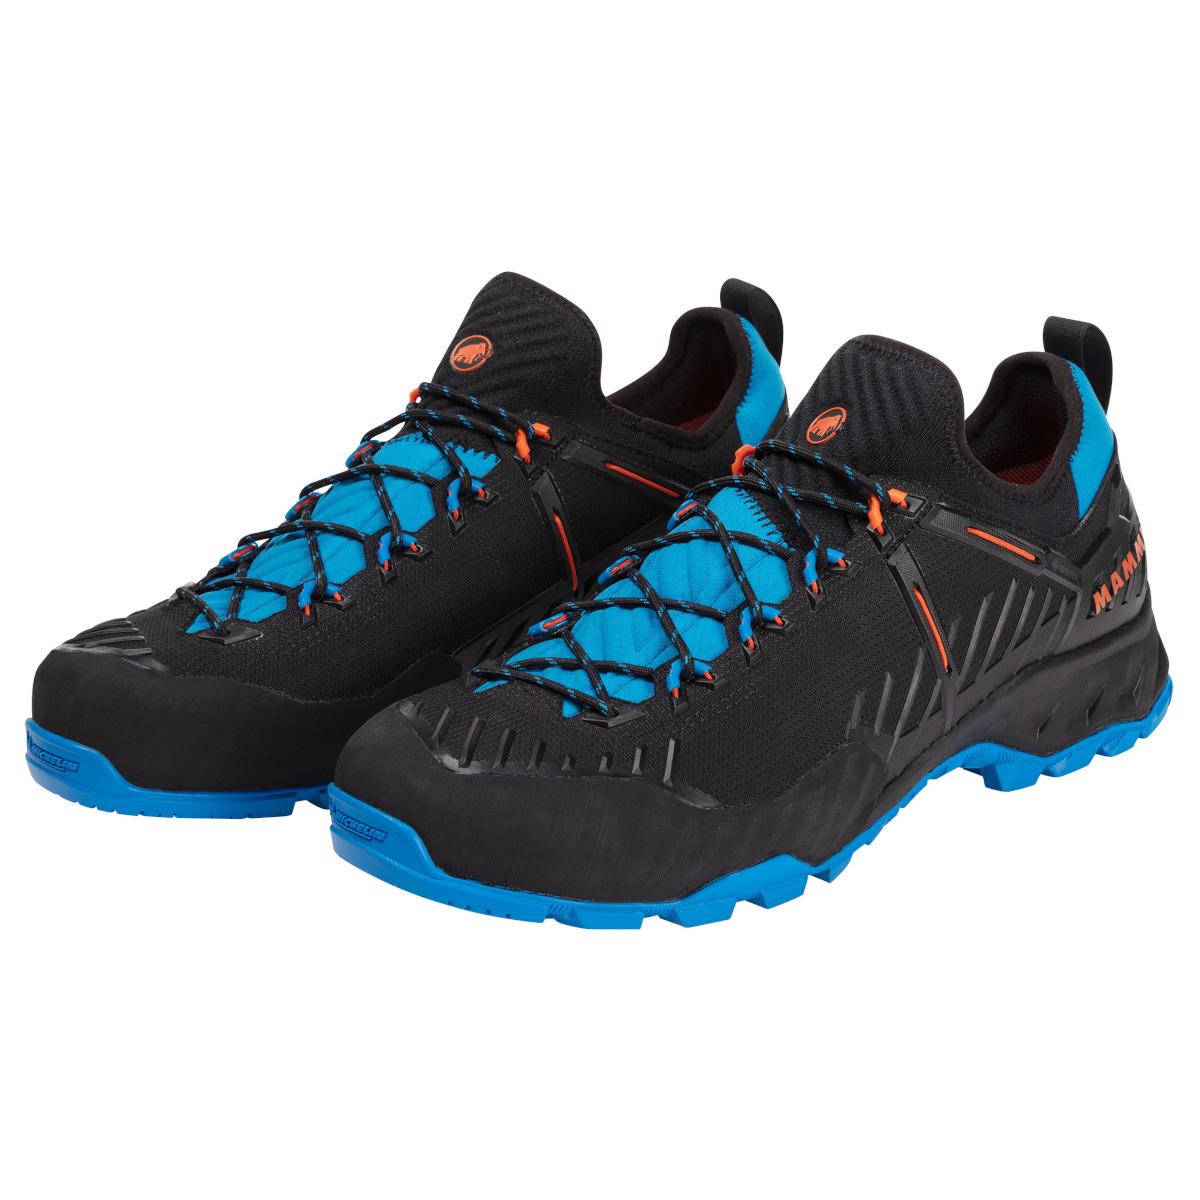 Mammut Alnasca Knit II Low GTX Shoes Men - black-tarn